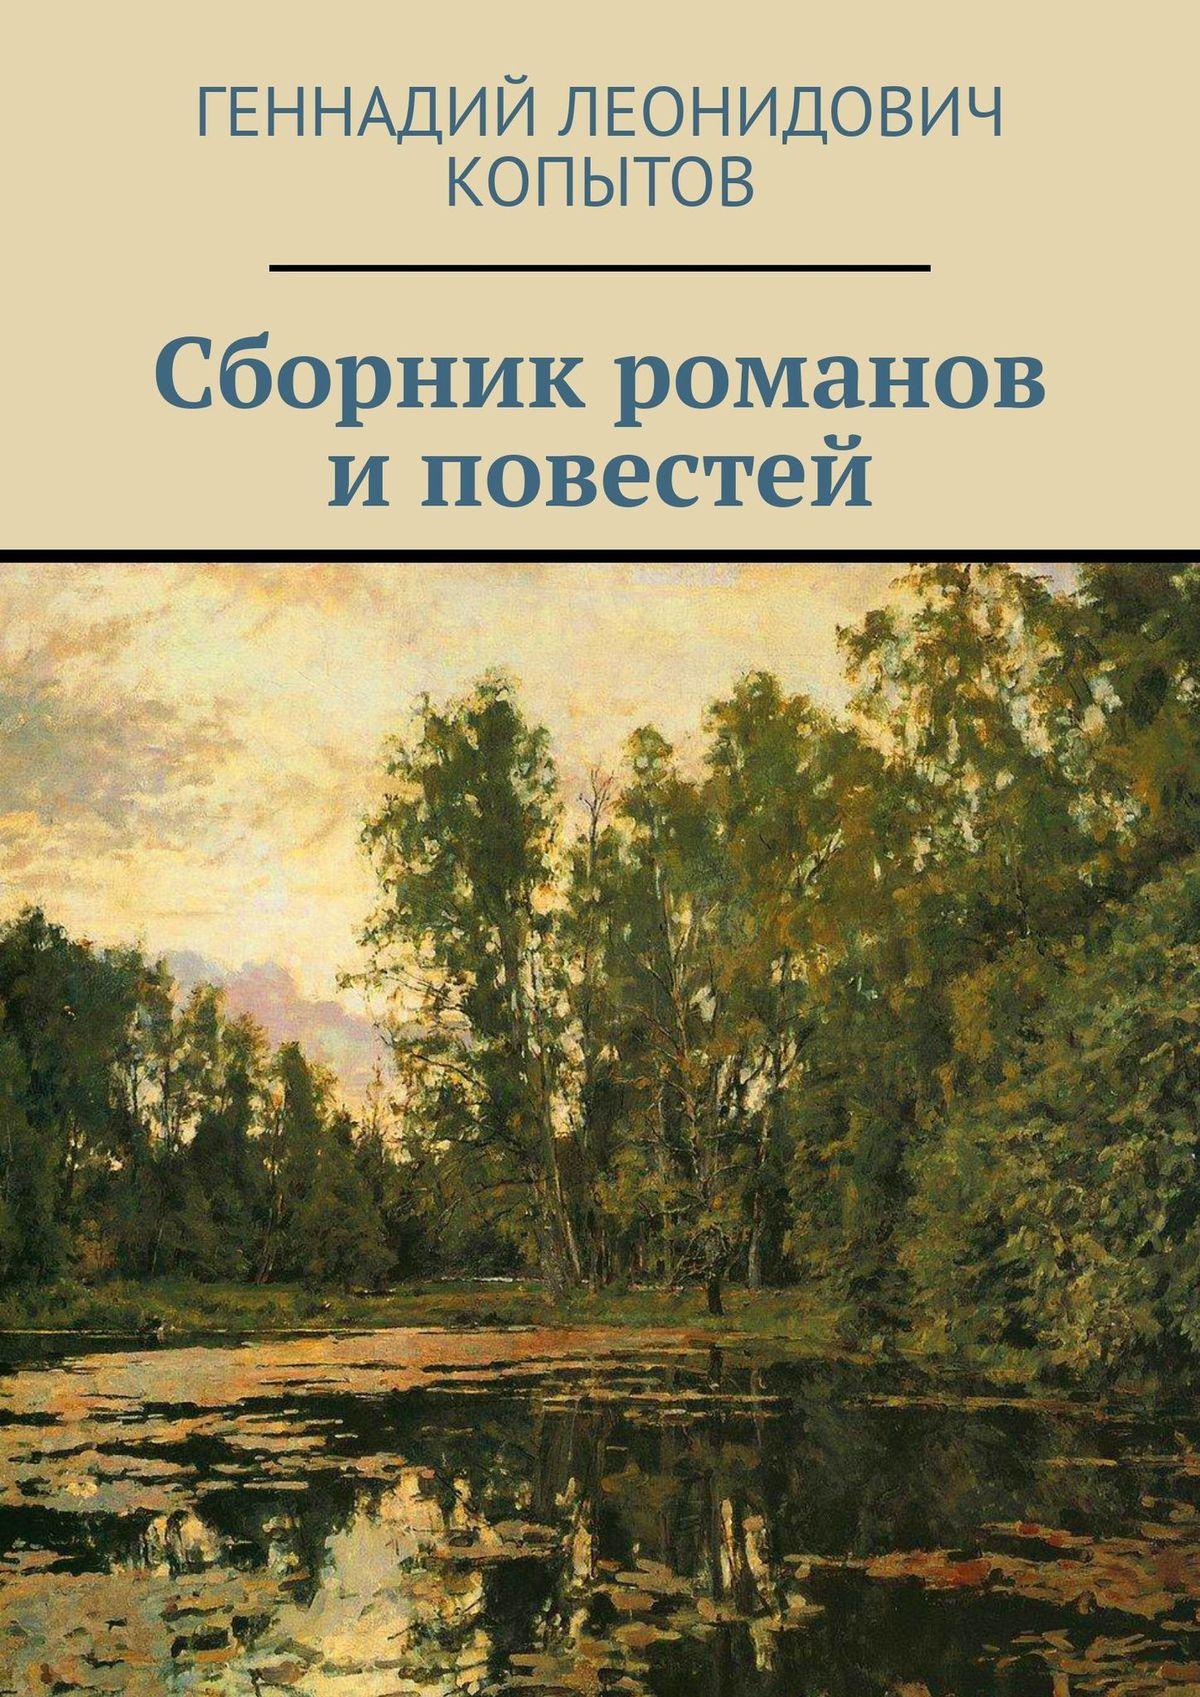 цена Геннадий Леонидович Копытов Сборник романов иповестей